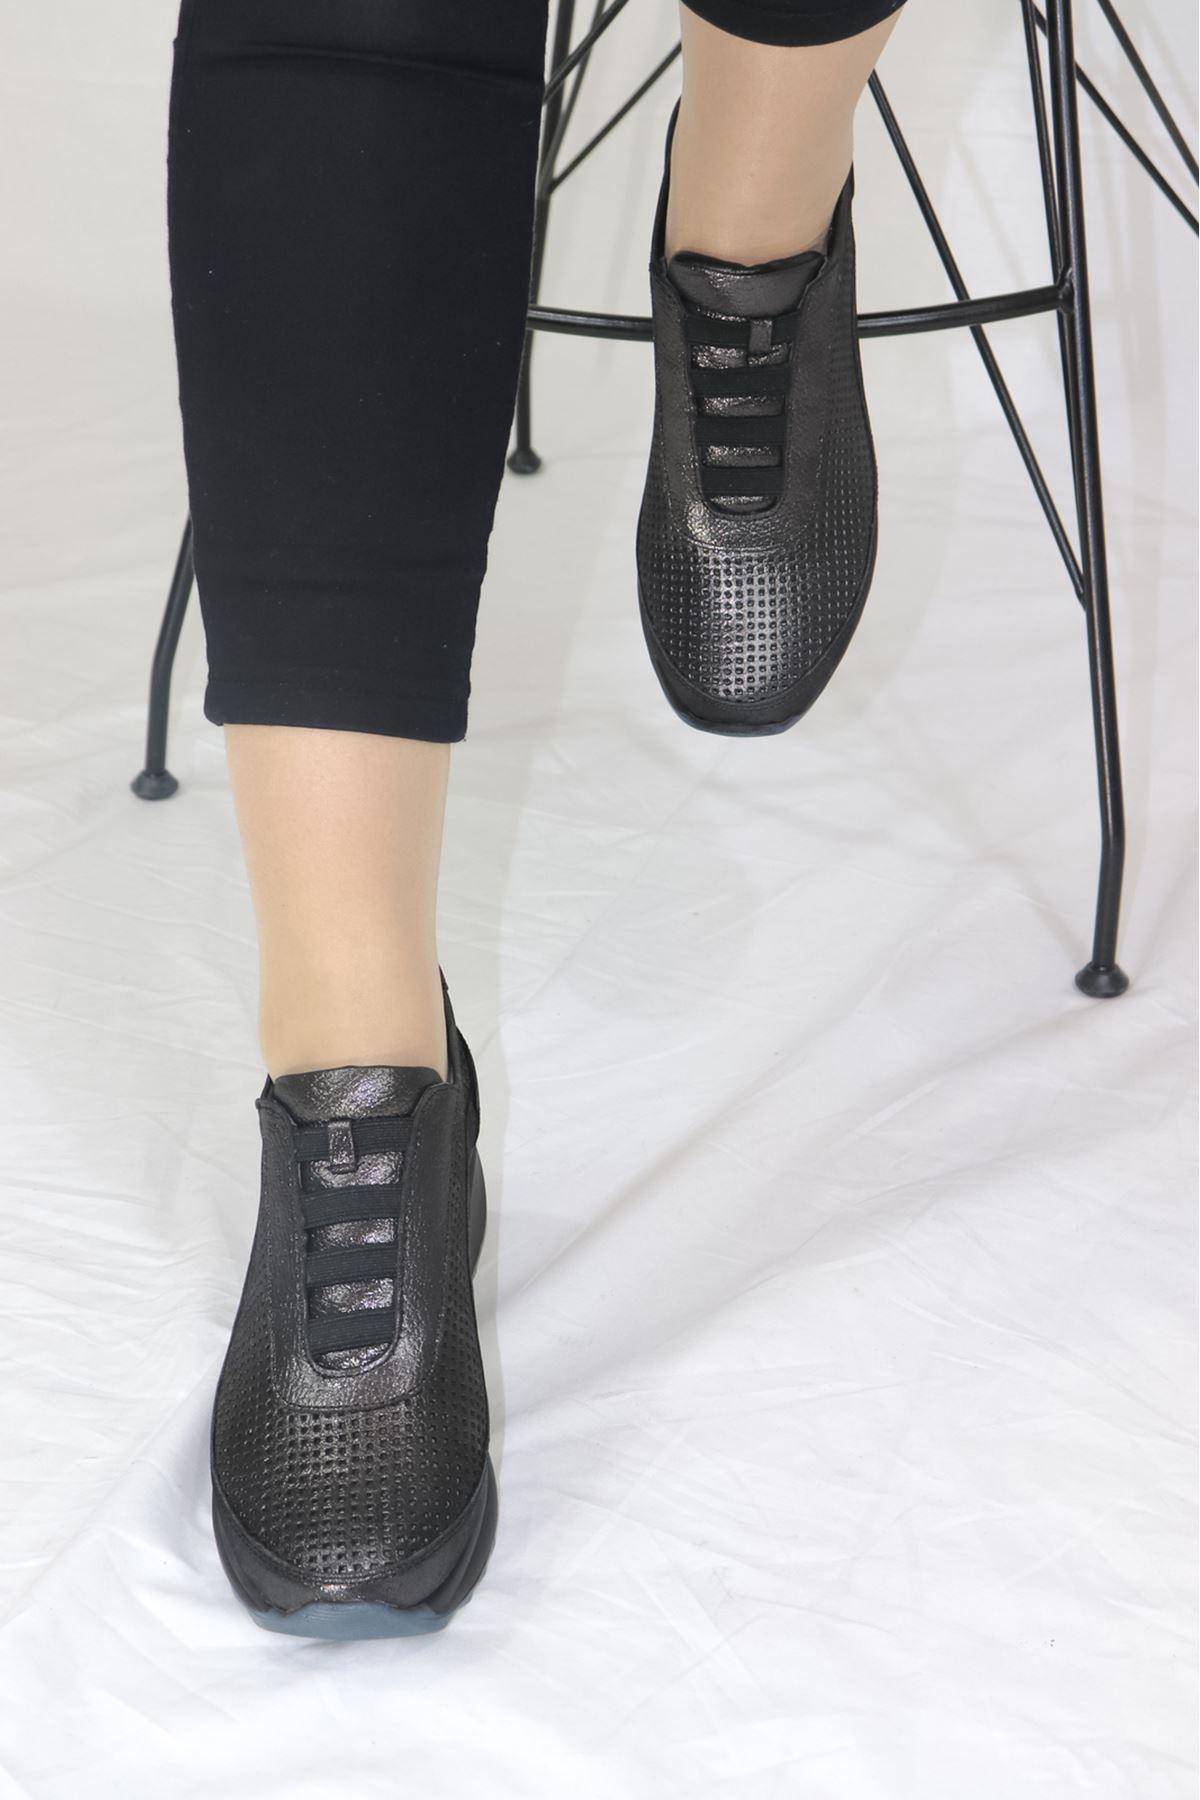 Mammamia - D21YA - 3220-B Çelik Simli Lastikli Dolgu Topuk Kadın Ayakkabısı